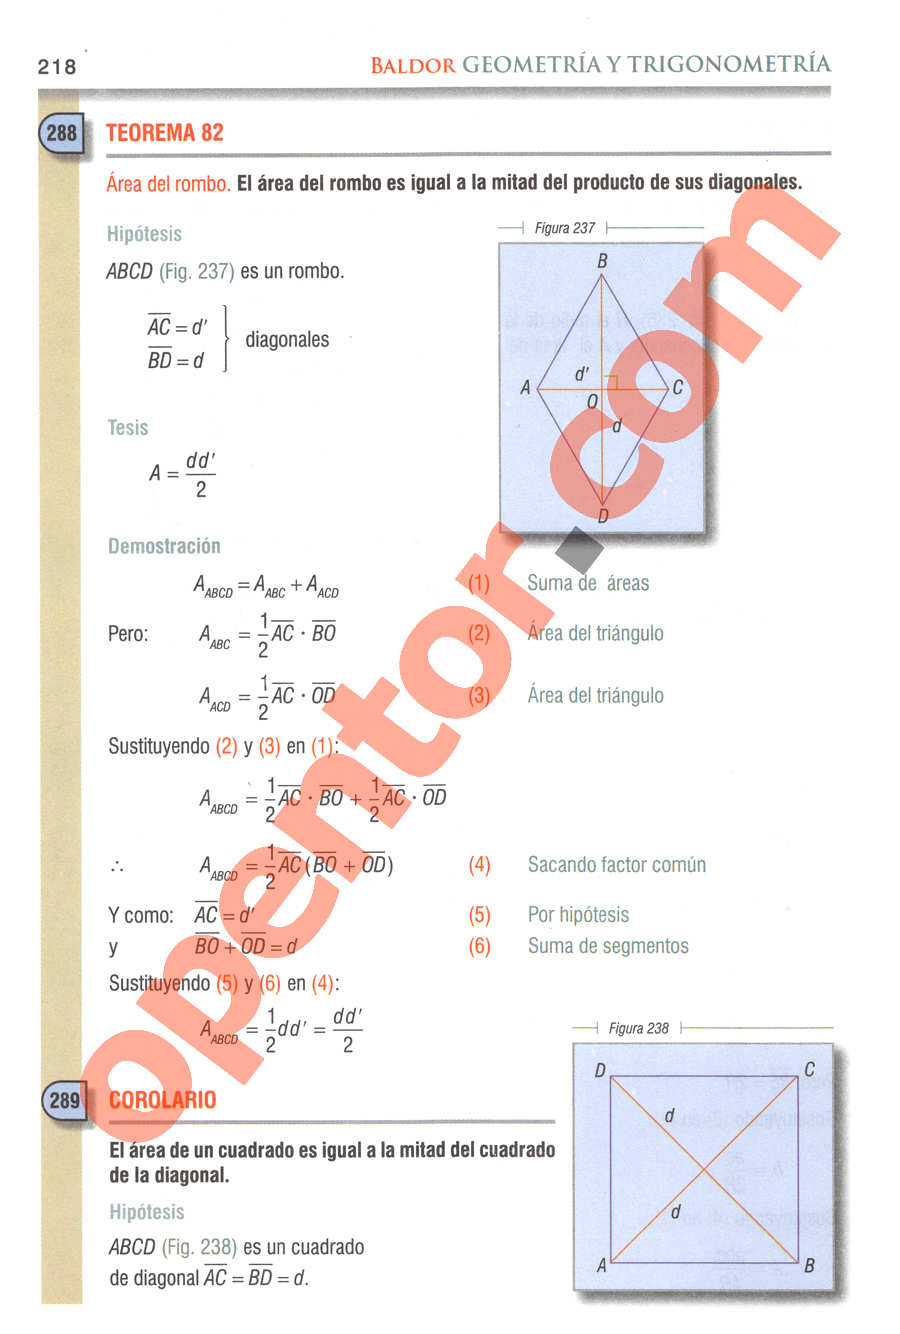 Geometría y Trigonometría de Baldor - Página 218